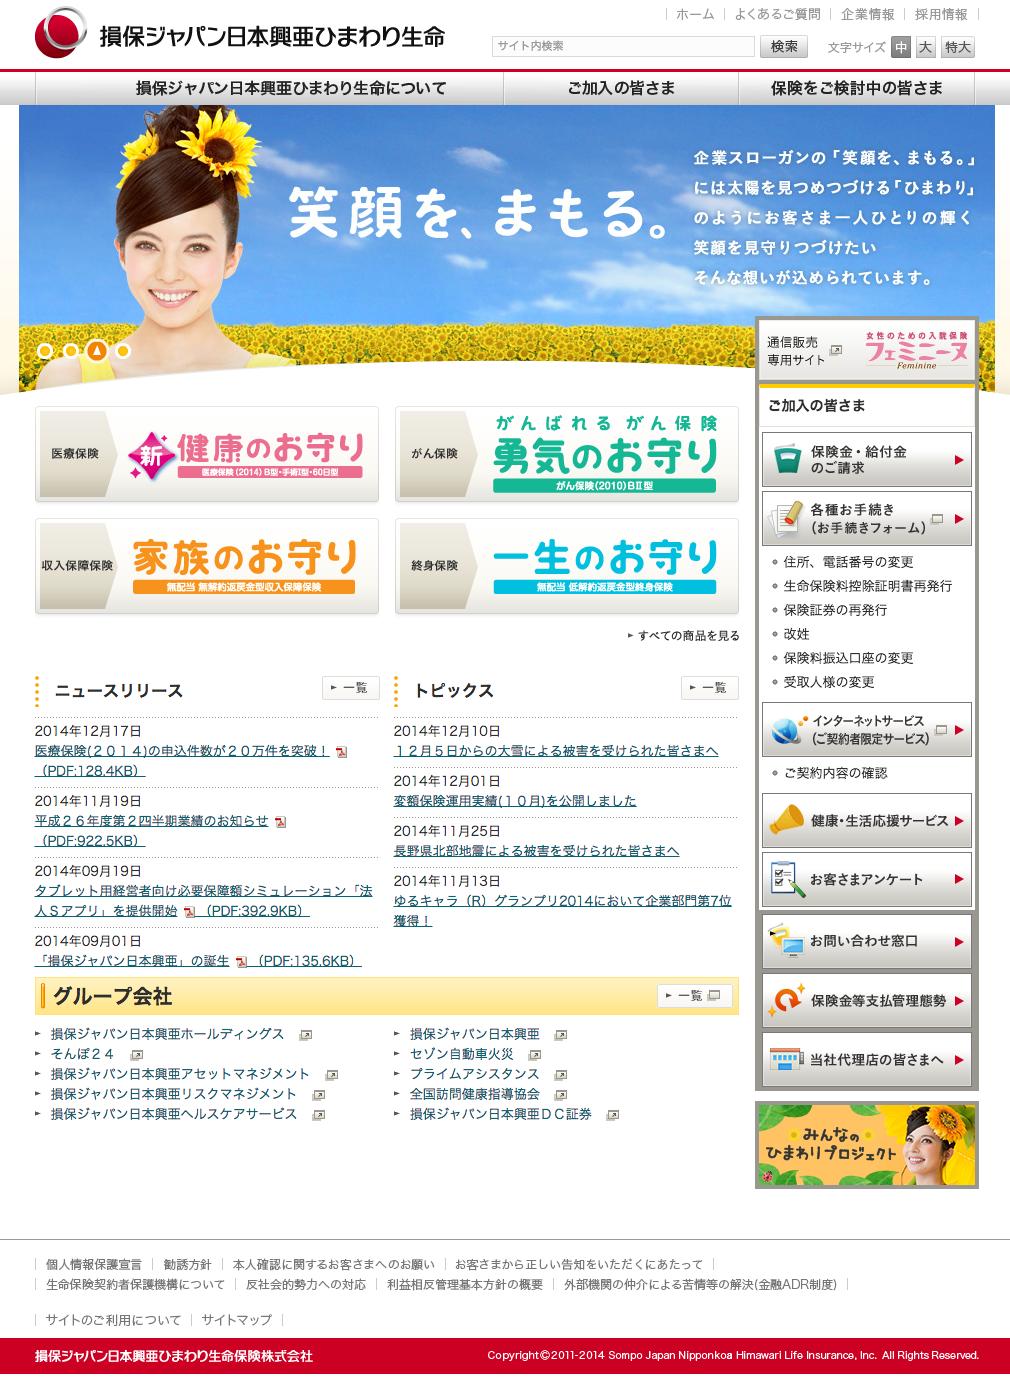 損保ジャパン日本興亜ひまわり生命 公式ホームページ  (via http://www.himawari-life.co.jp/ )